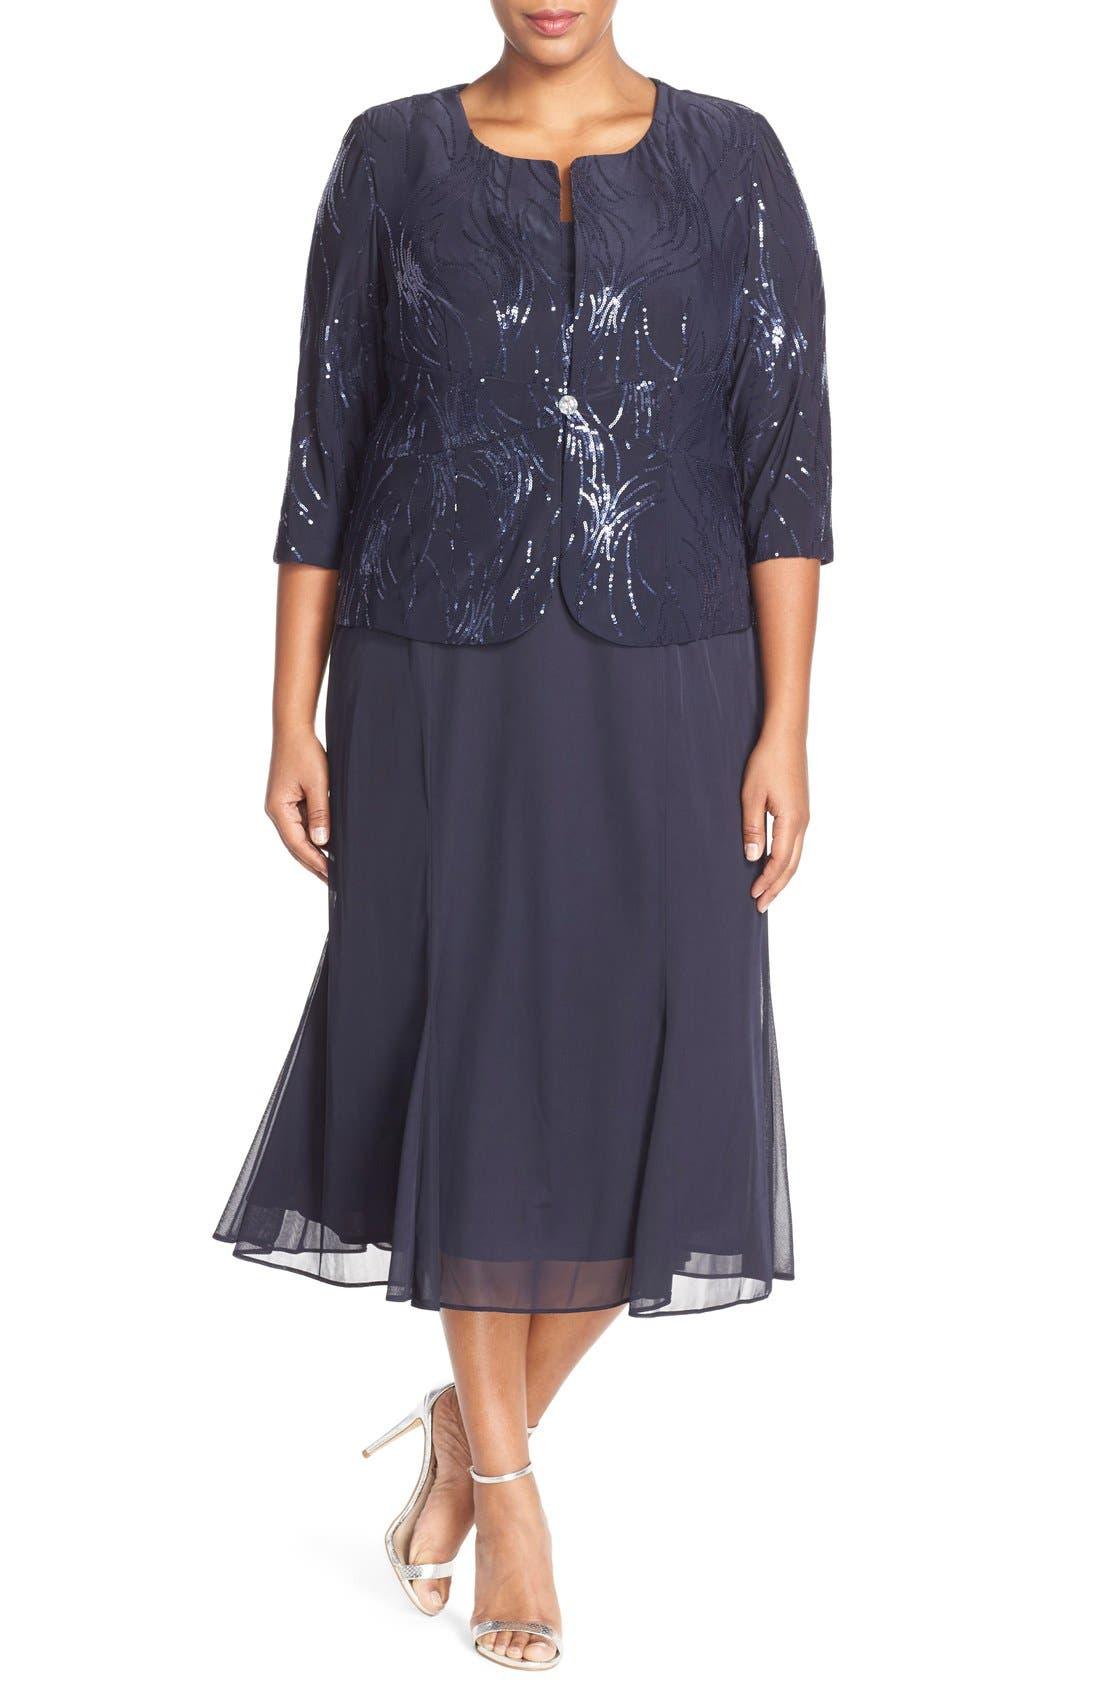 Plus Size Vintage Dresses, Plus Size Retro Dresses Plus Size Womens Alex Evenings Sequin Mock Two-Piece Dress With Jacket Size 24W - Blue $146.30 AT vintagedancer.com